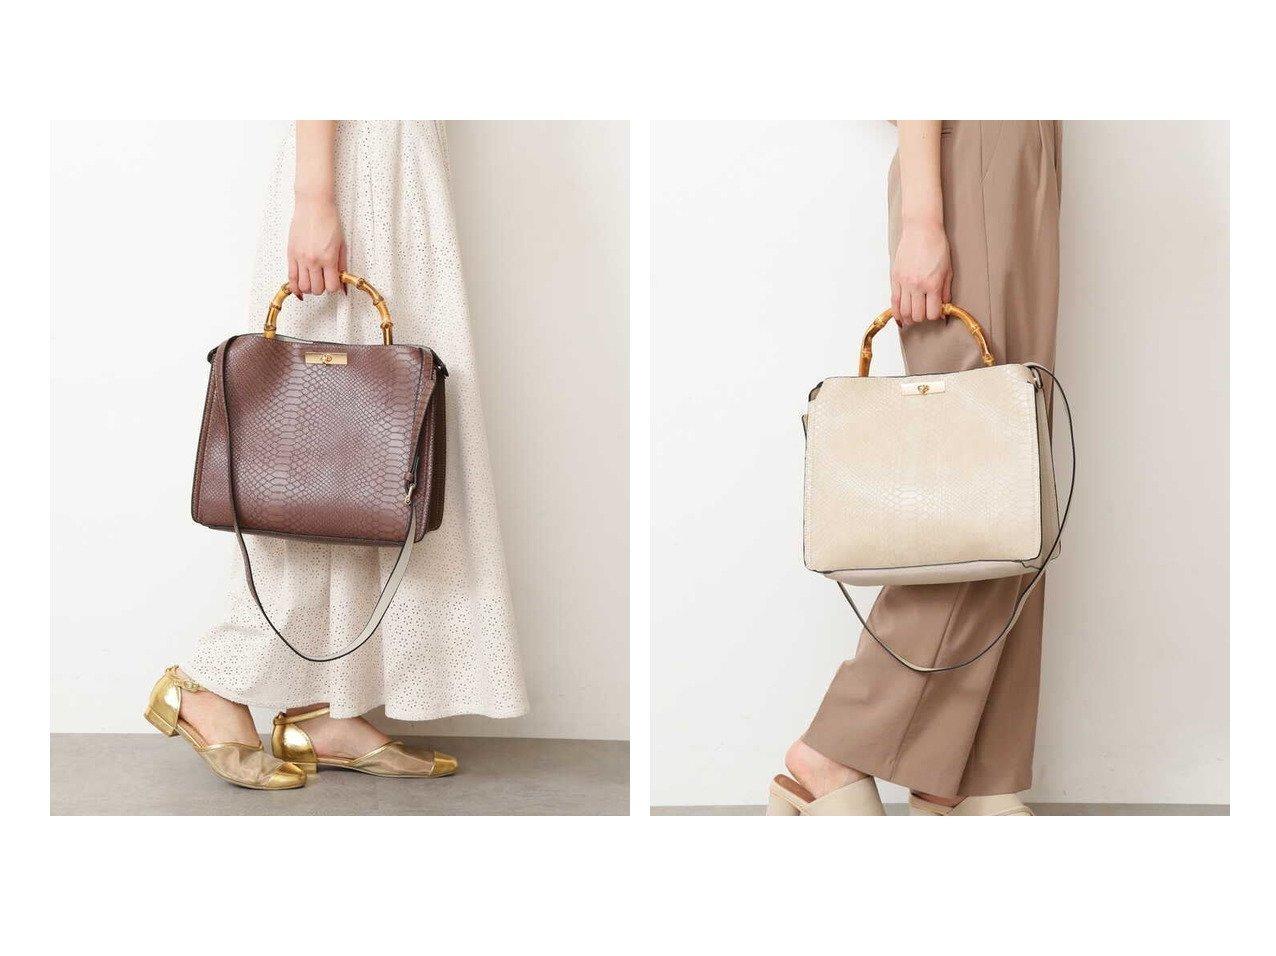 【FREE'S MART/フリーズマート】のミドルバンブーバッグ 【バッグ・鞄】おすすめ!人気、トレンド・レディースファッションの通販 | レディースファッション・服の通販 founy(ファニー)